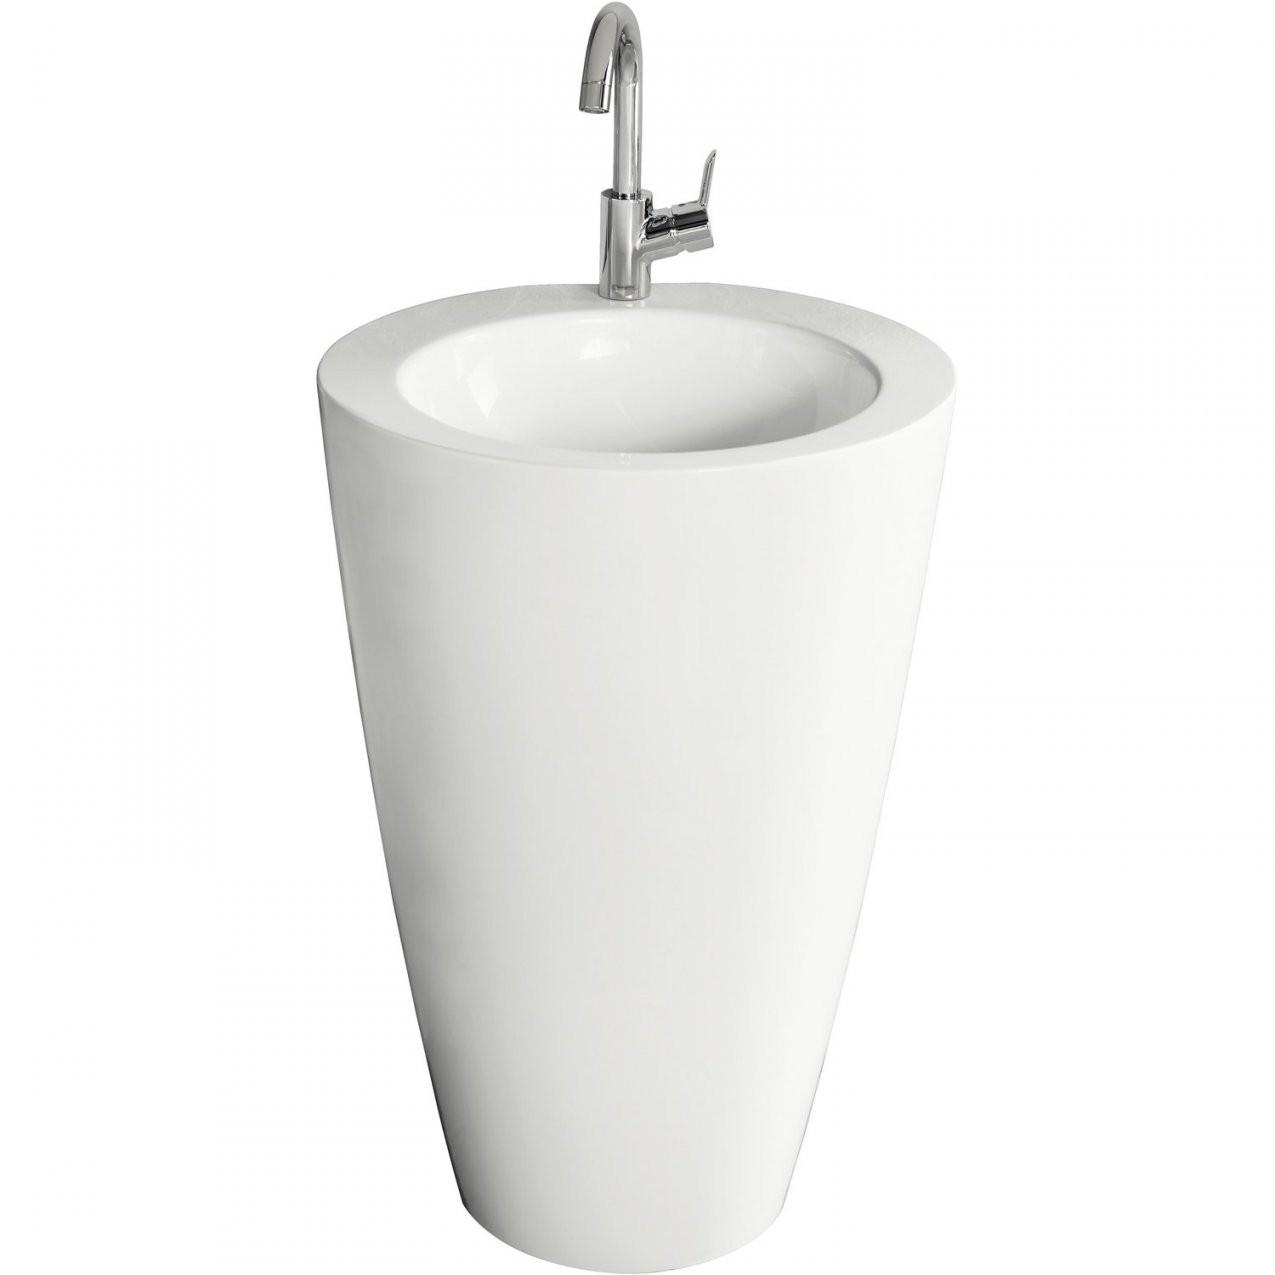 Waschbecken Online Kaufen Bei Obi von Kleine Runde Waschbecken Photo